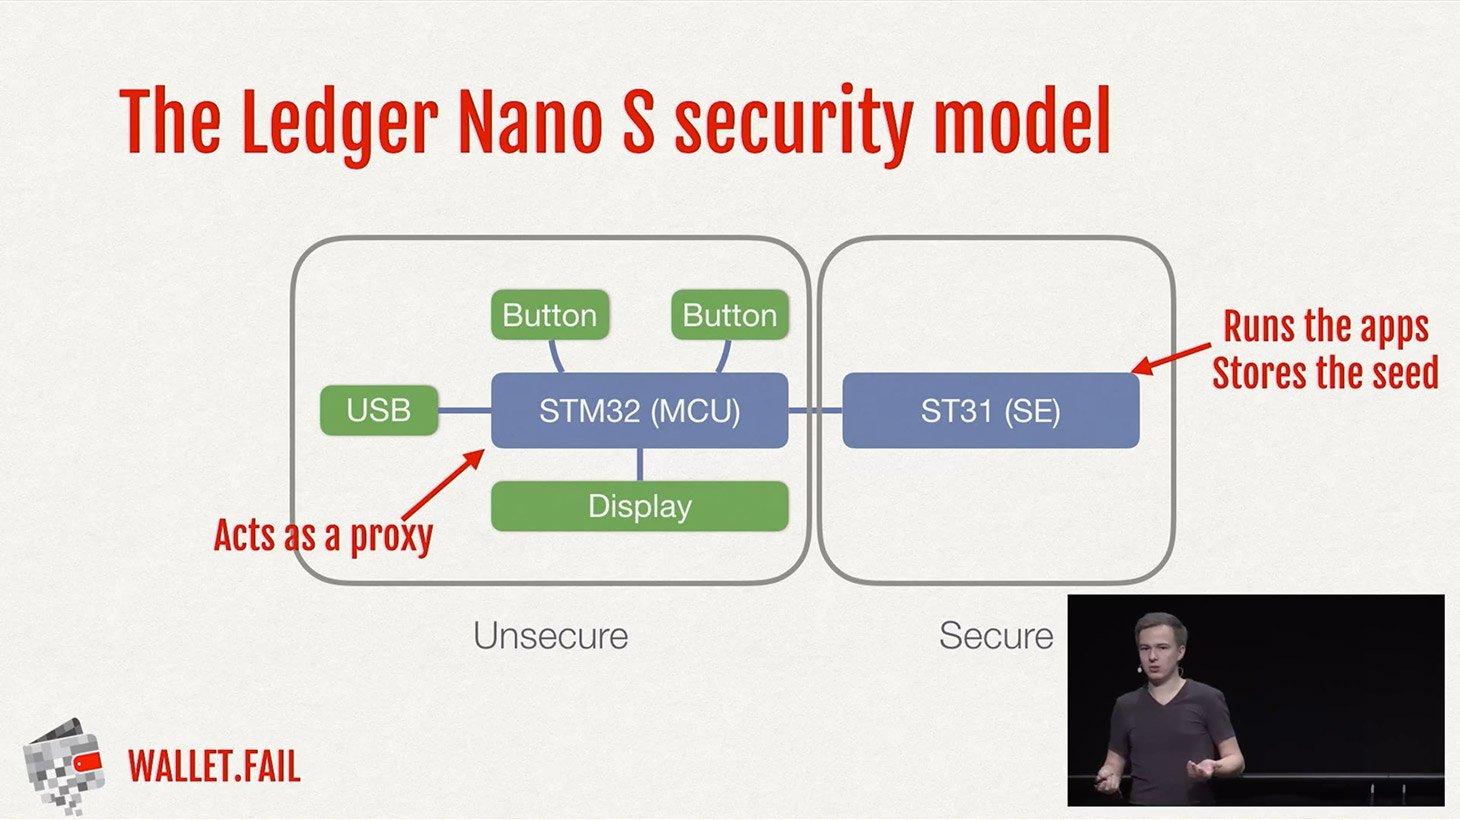 Het Ledger Nano S veiligheidsmodel